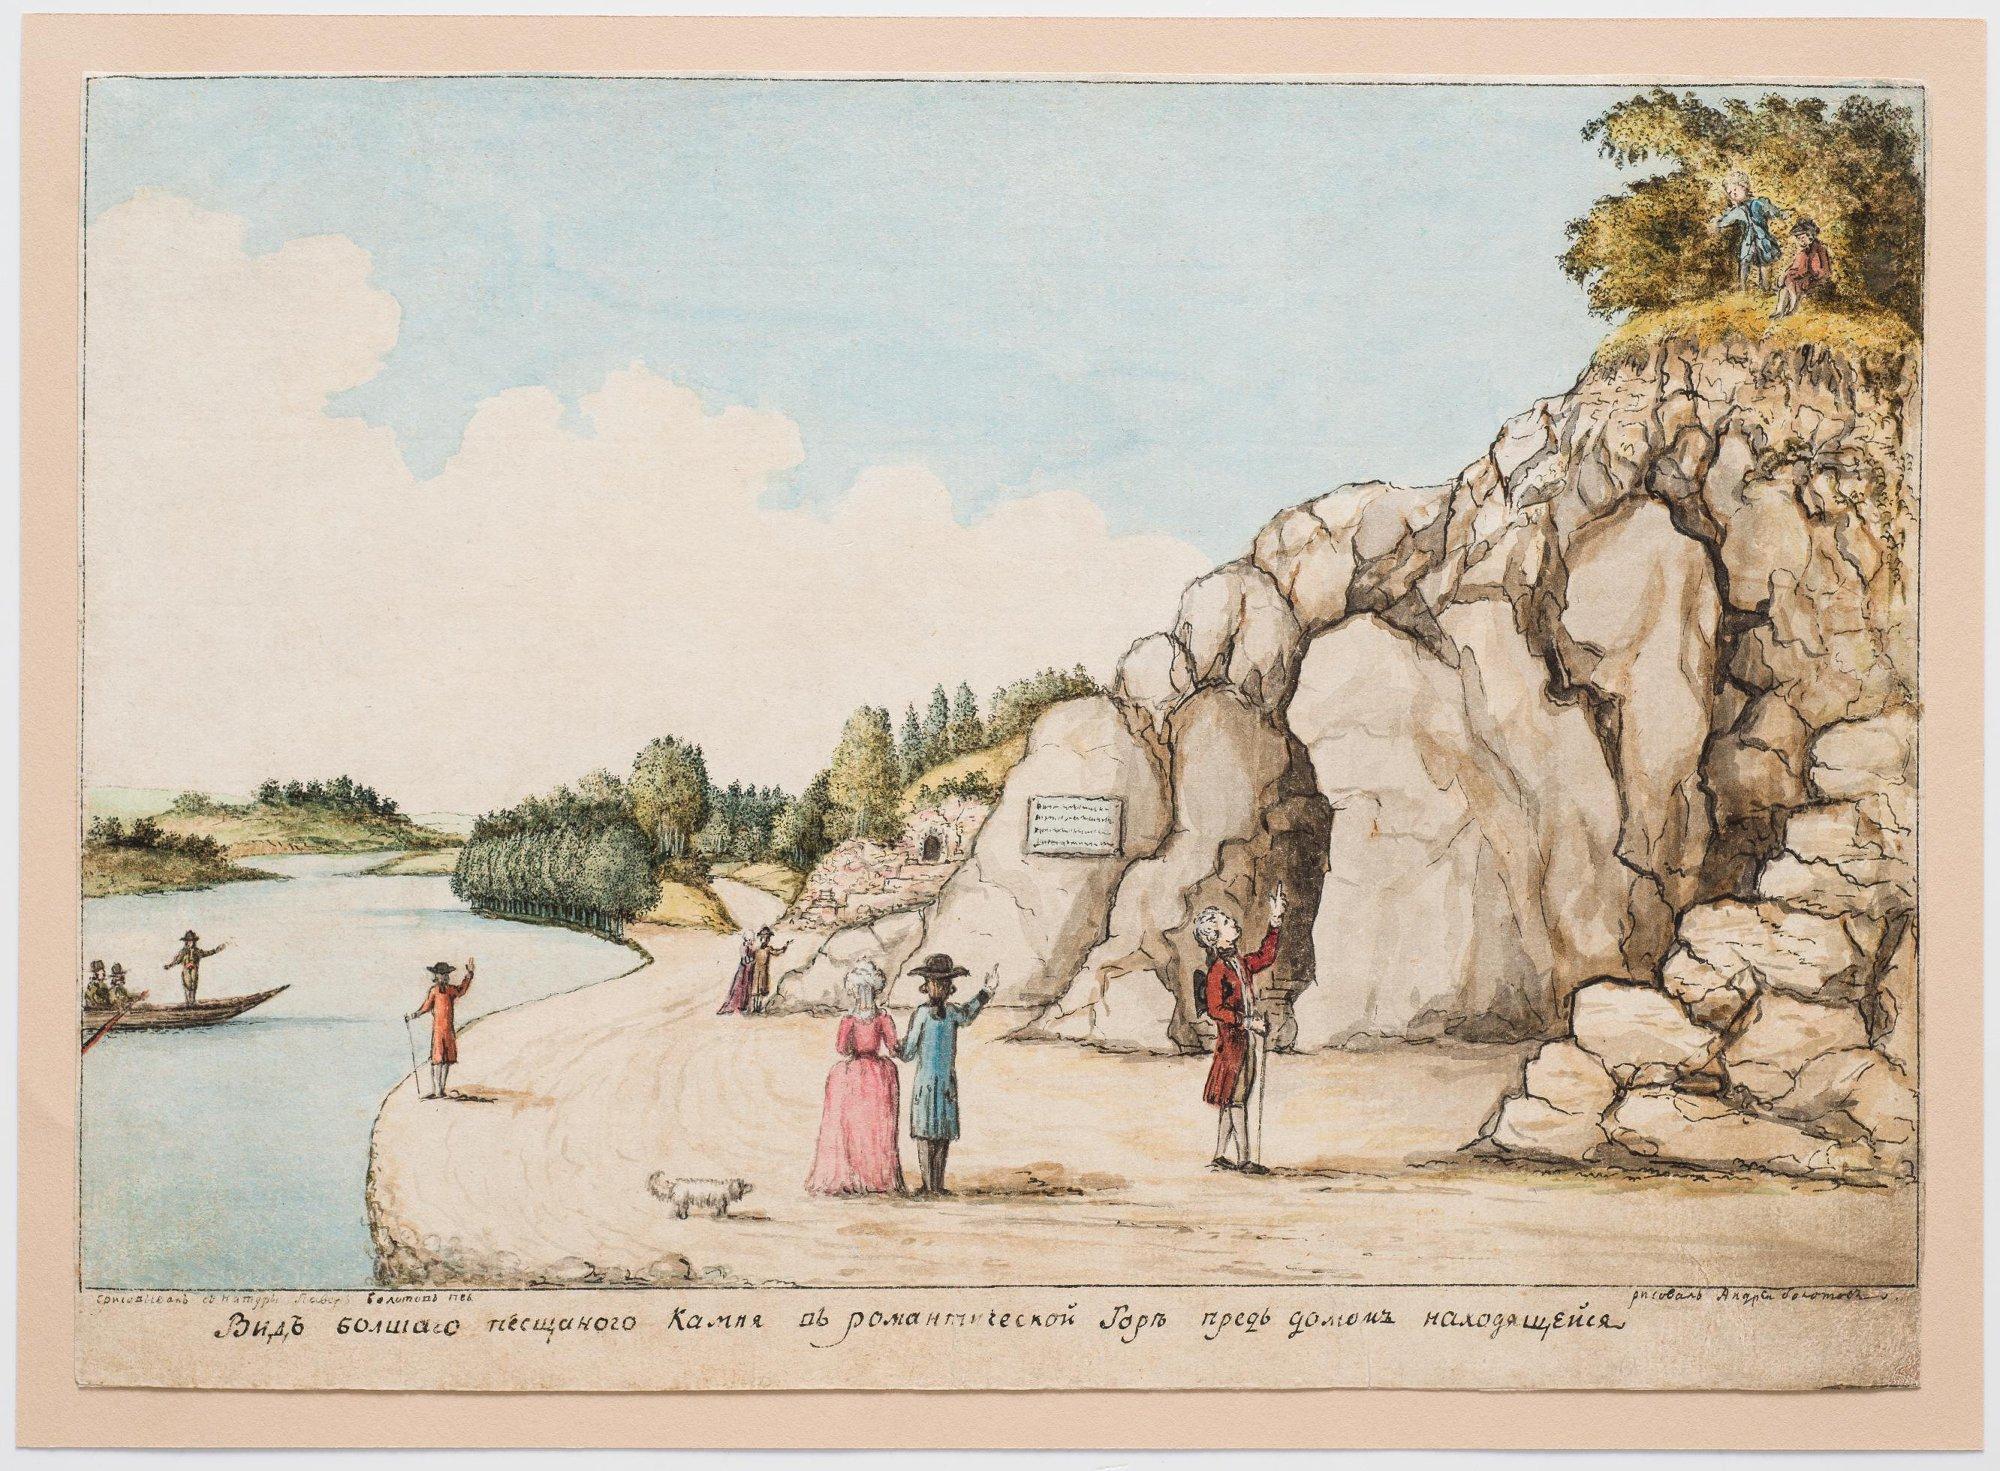 Вид Большого камня на набережной Большого пруда в Богородицком парке (Вид большого песщаного камня в романтической горе пред домом находящейся)